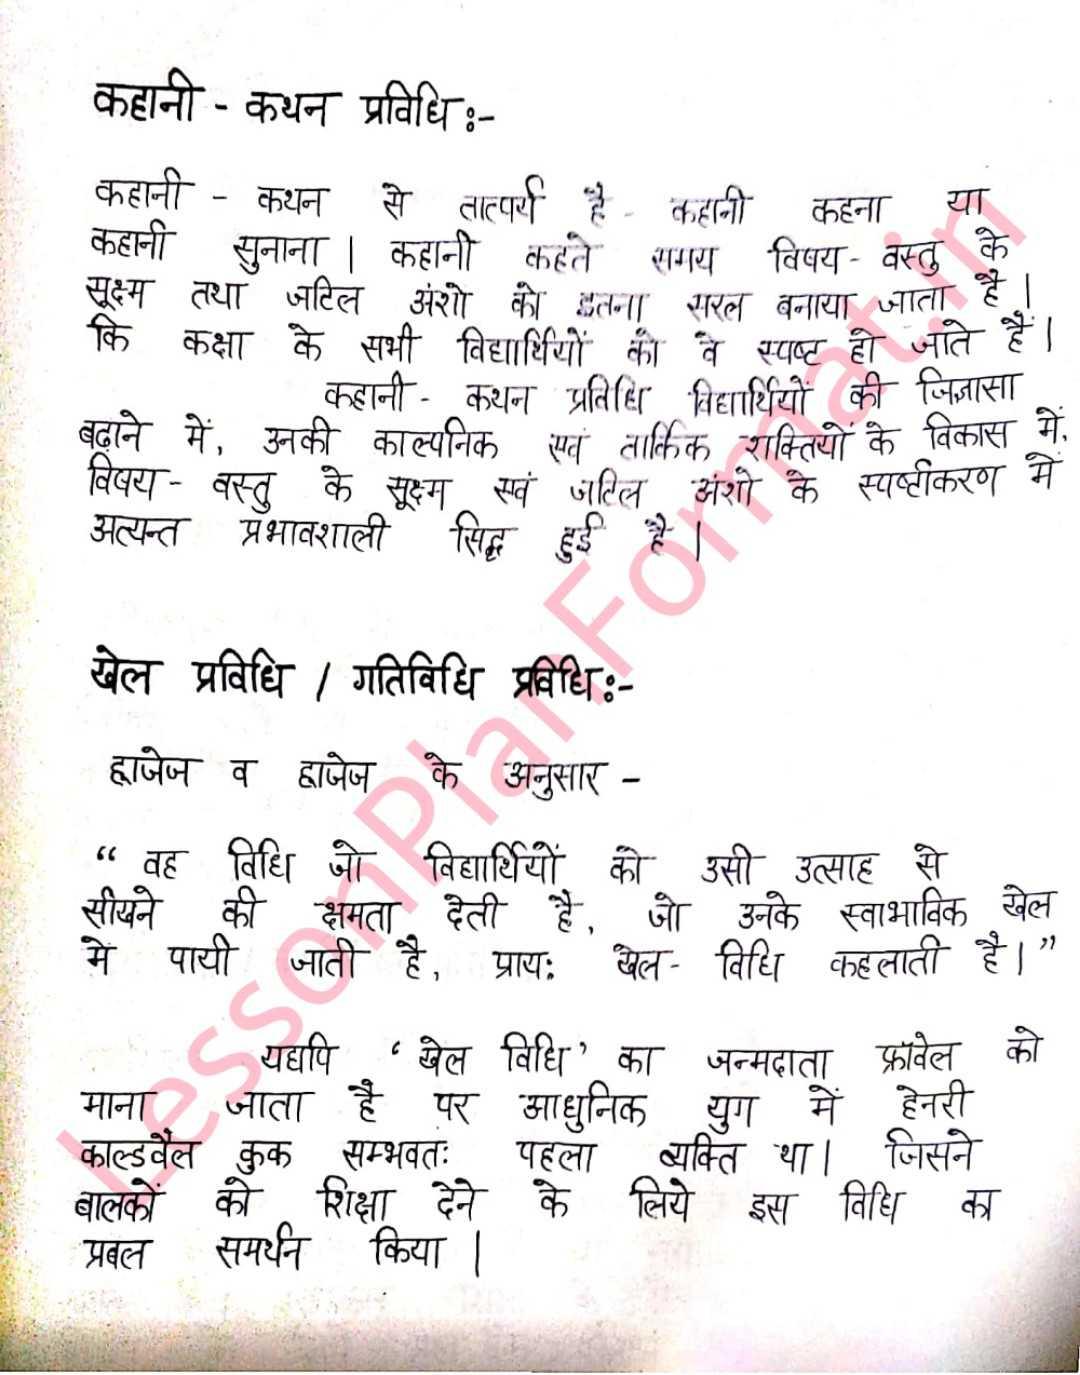 Upcharatmak Shikshan in Hindi